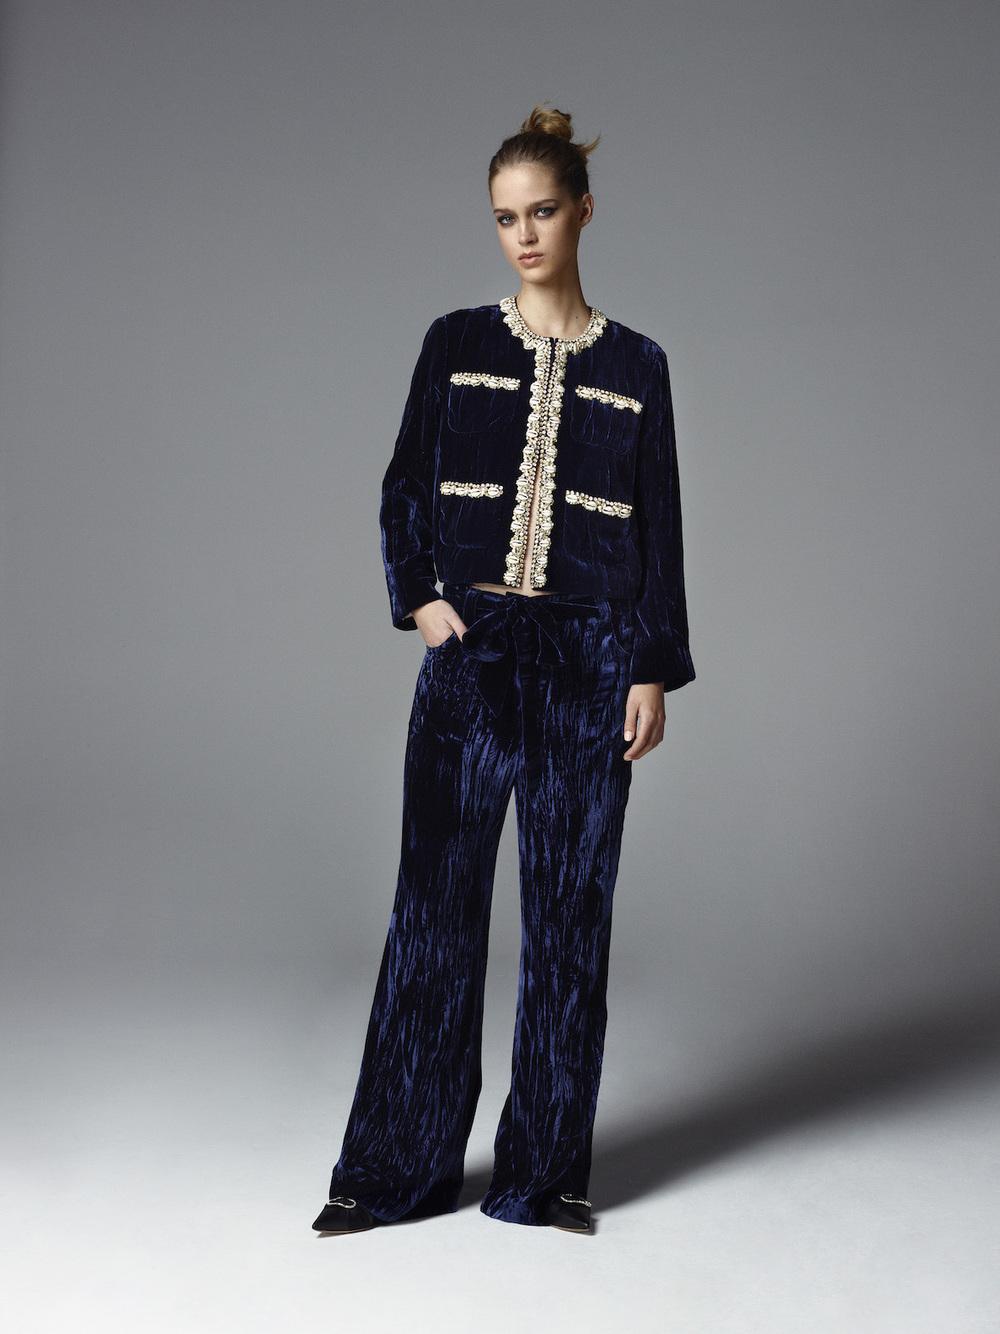 Grace Wales Bonner의 여성복 라인